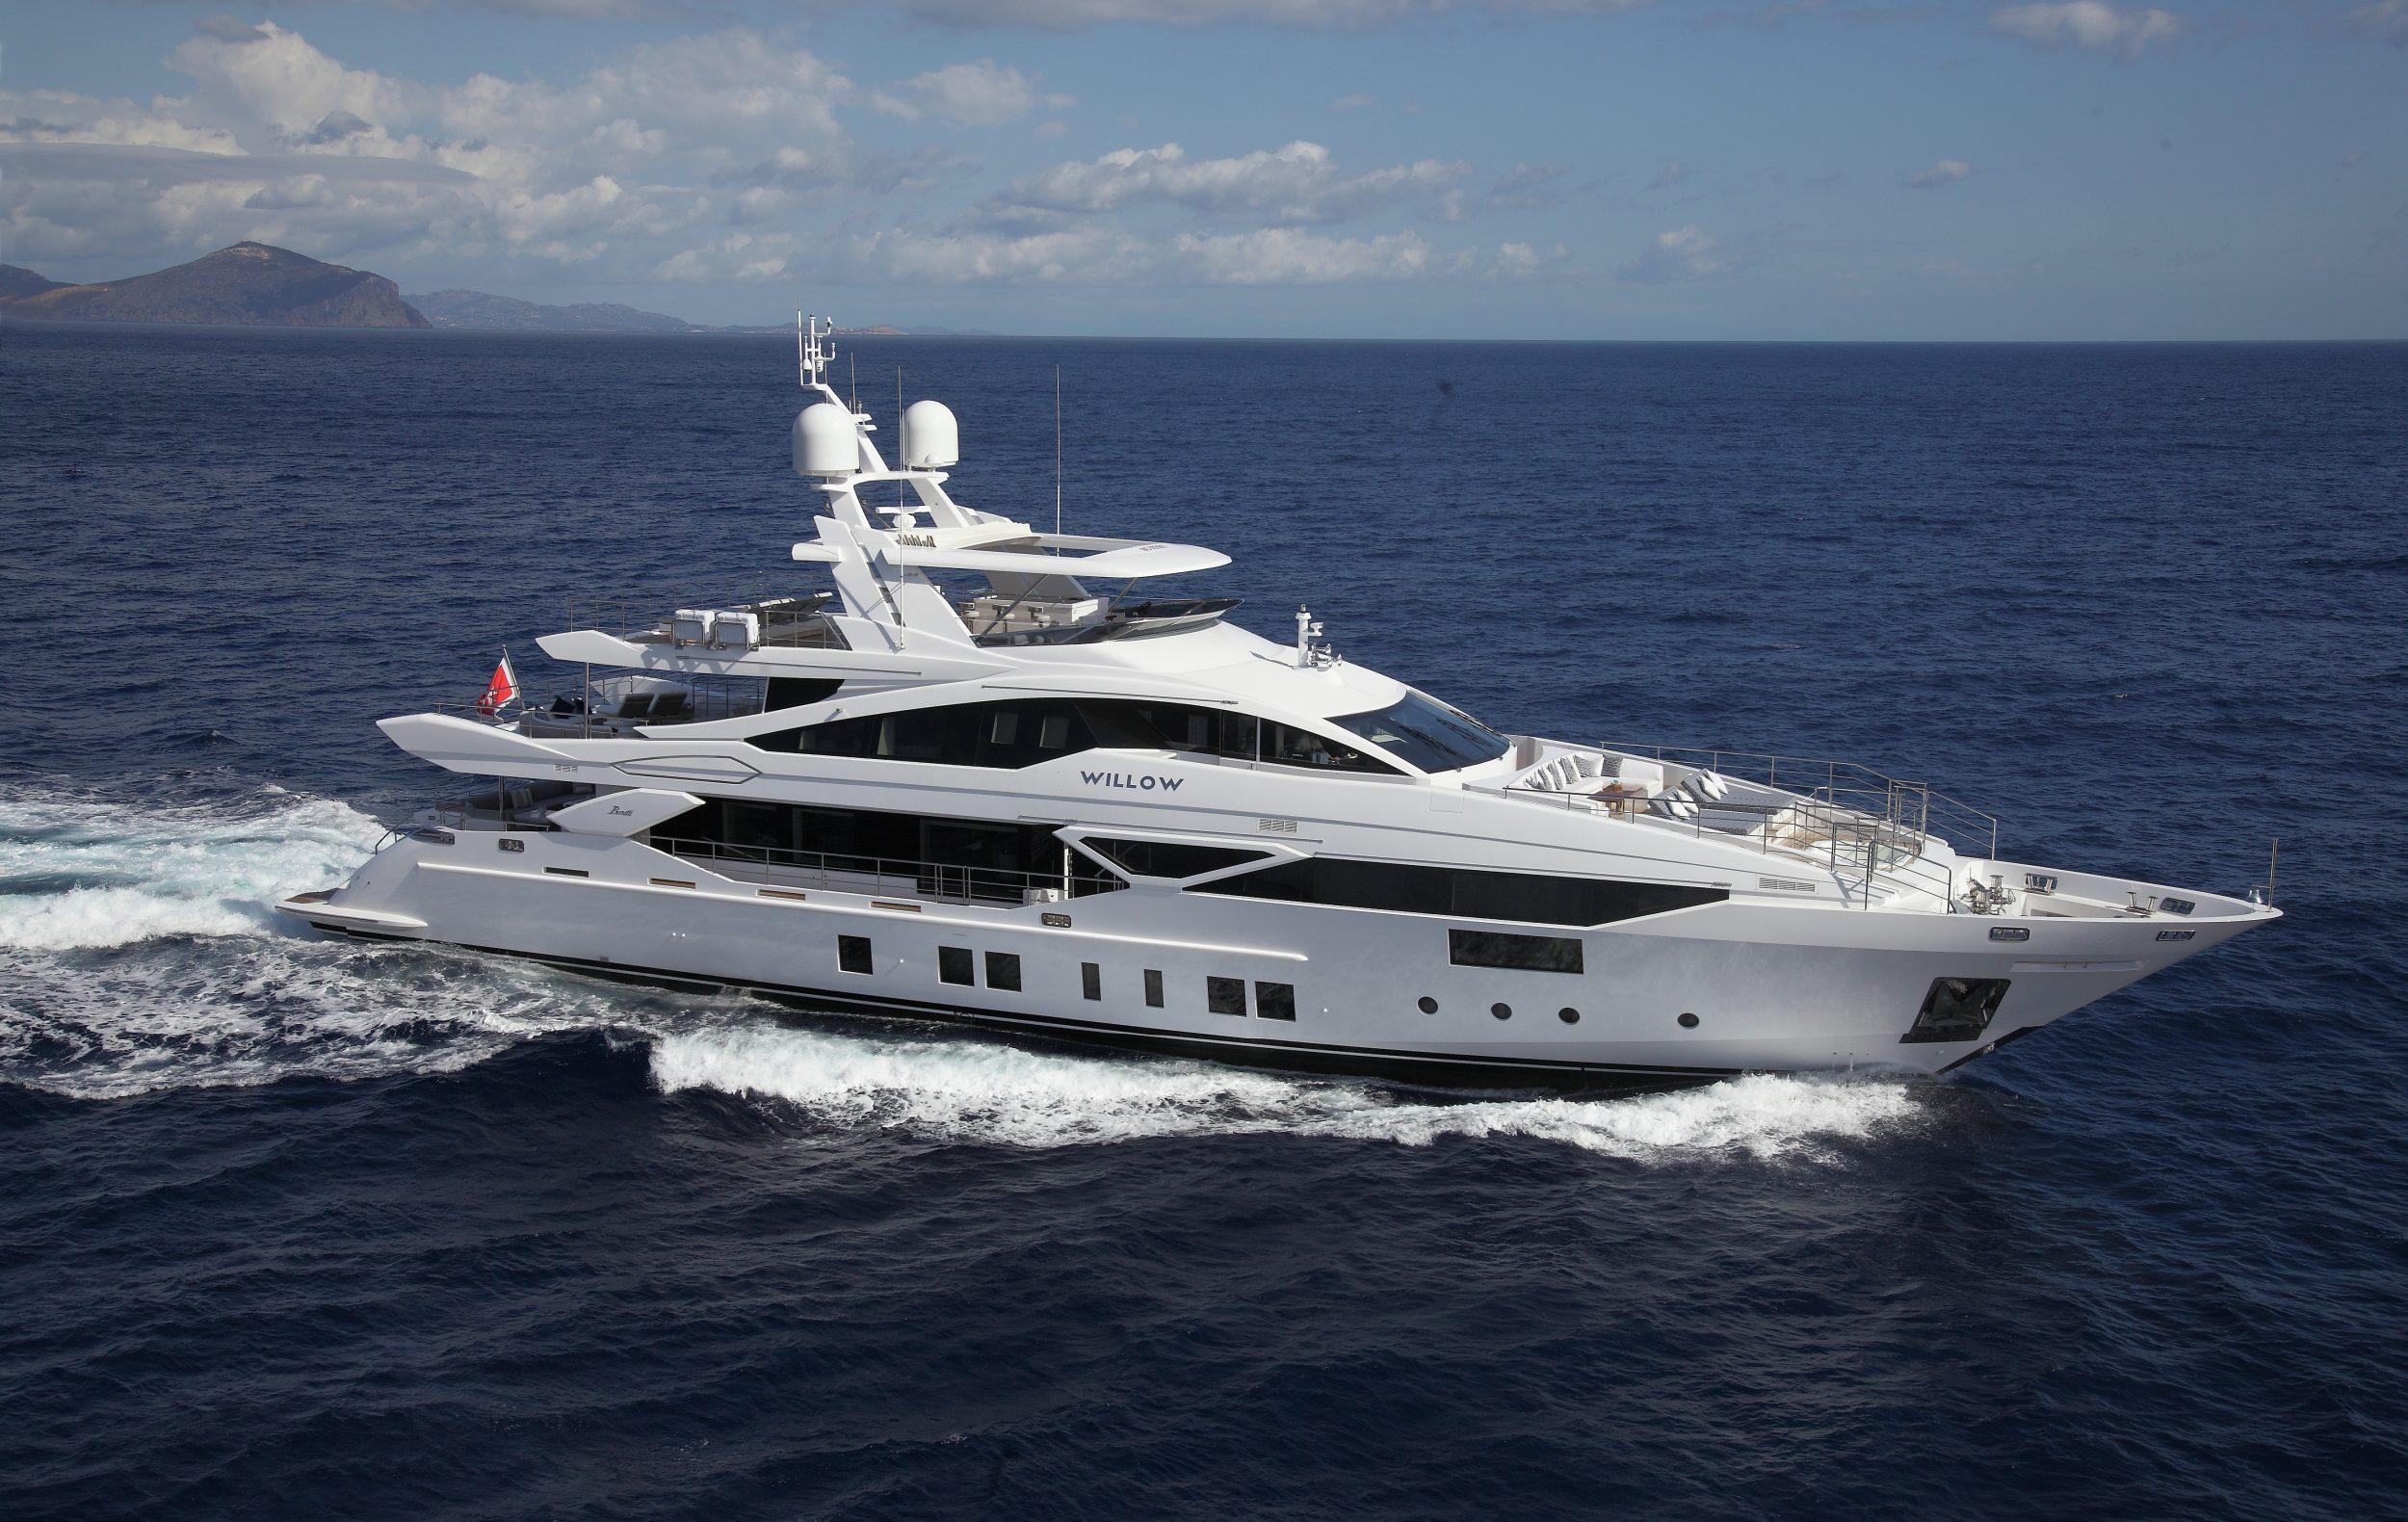 El espectacular yate WILLOW disponible en el Mediterráneo Occidental